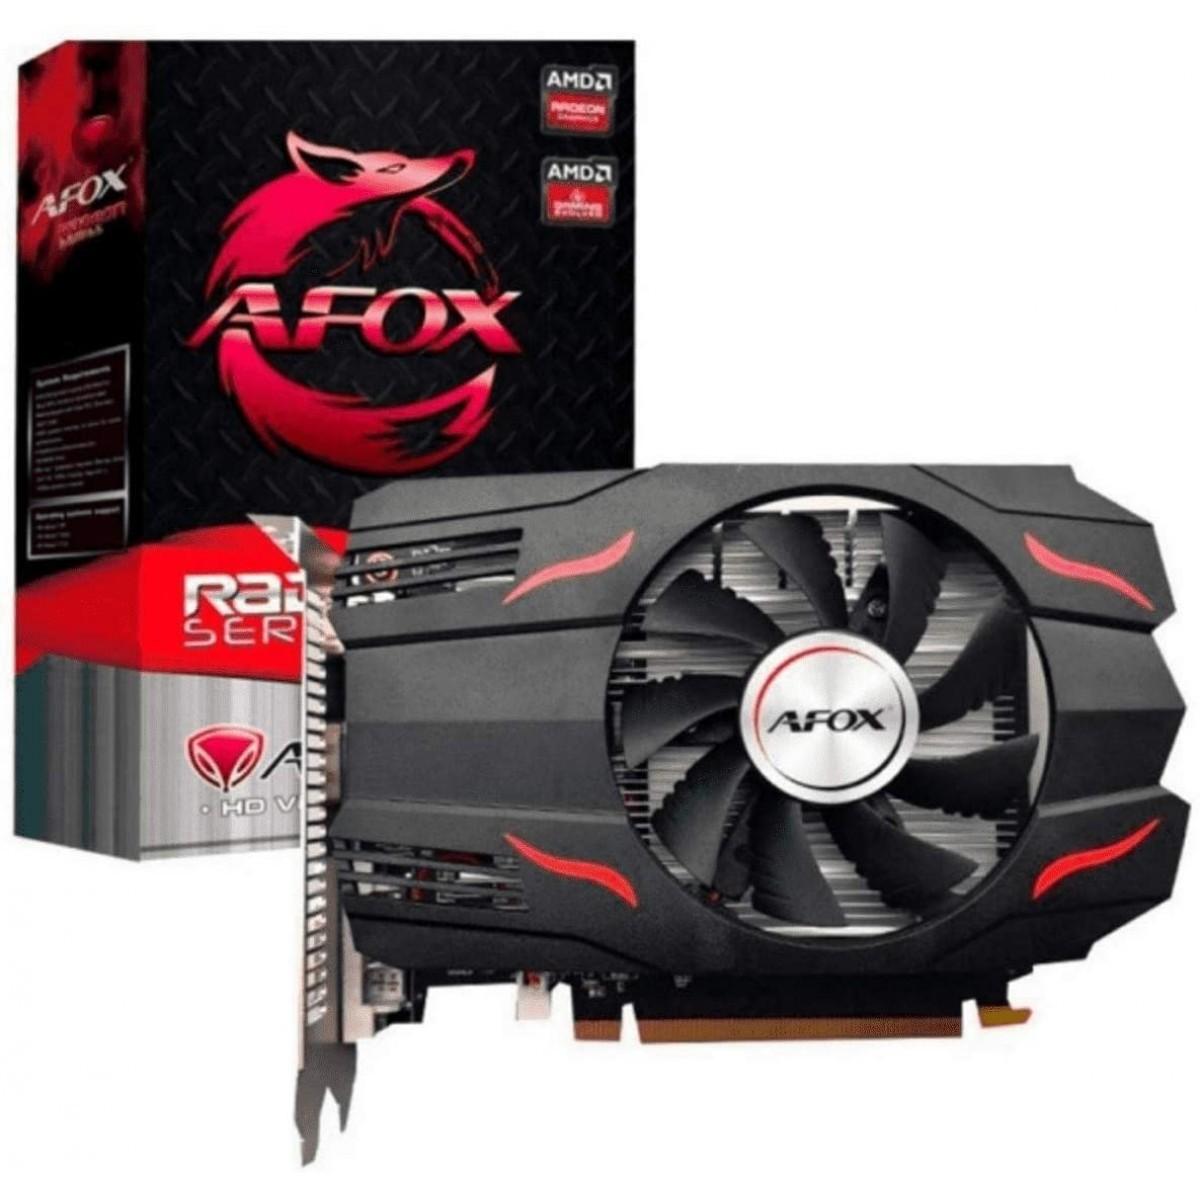 Placa de Vídeo Afox, Radeon, RX 550, 2GB, GDDR5, 128Bit, AFRX550-2048D5H7